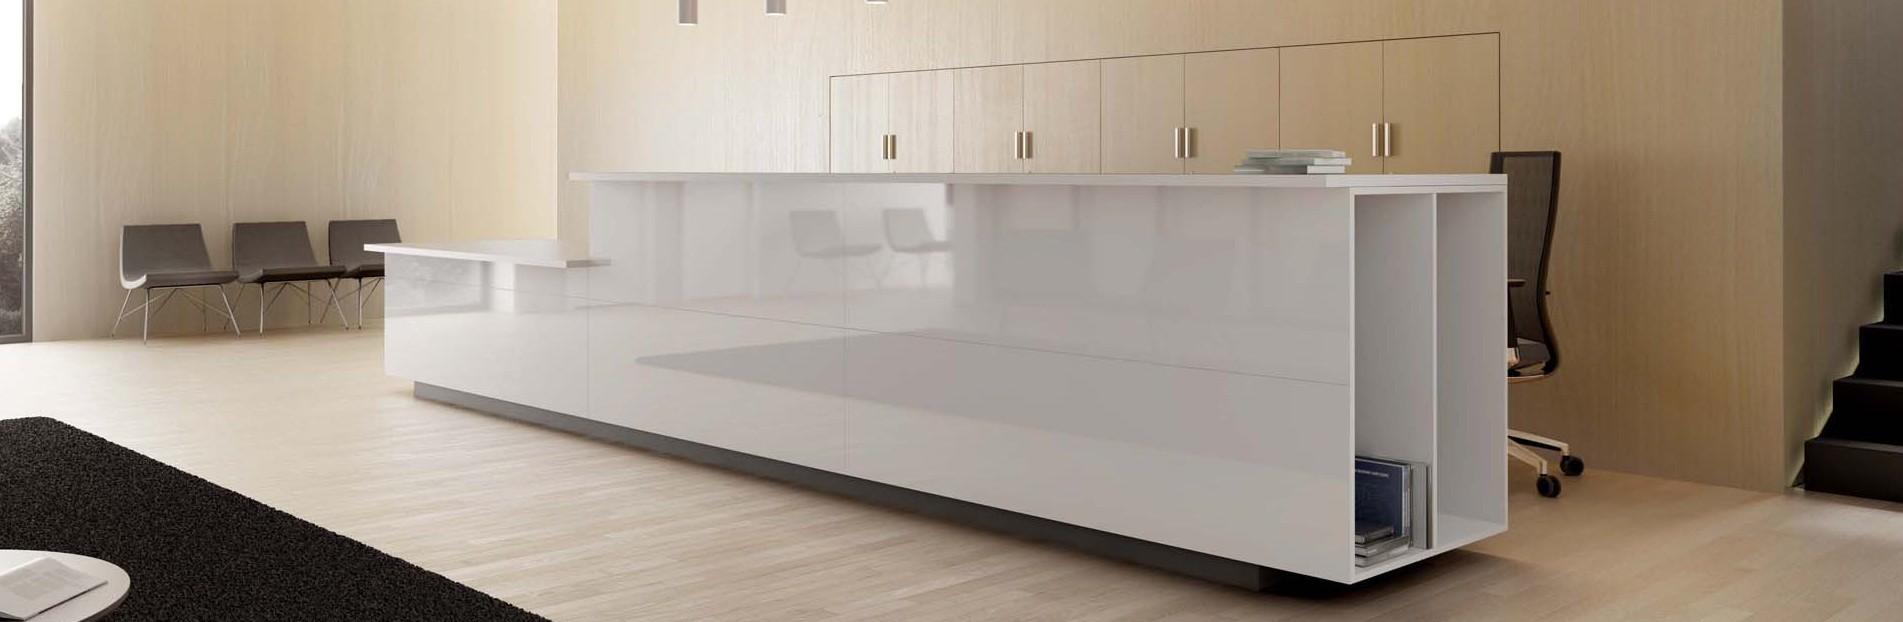 buro 56 am nagement mobilier de bureau dans le morbihan. Black Bedroom Furniture Sets. Home Design Ideas